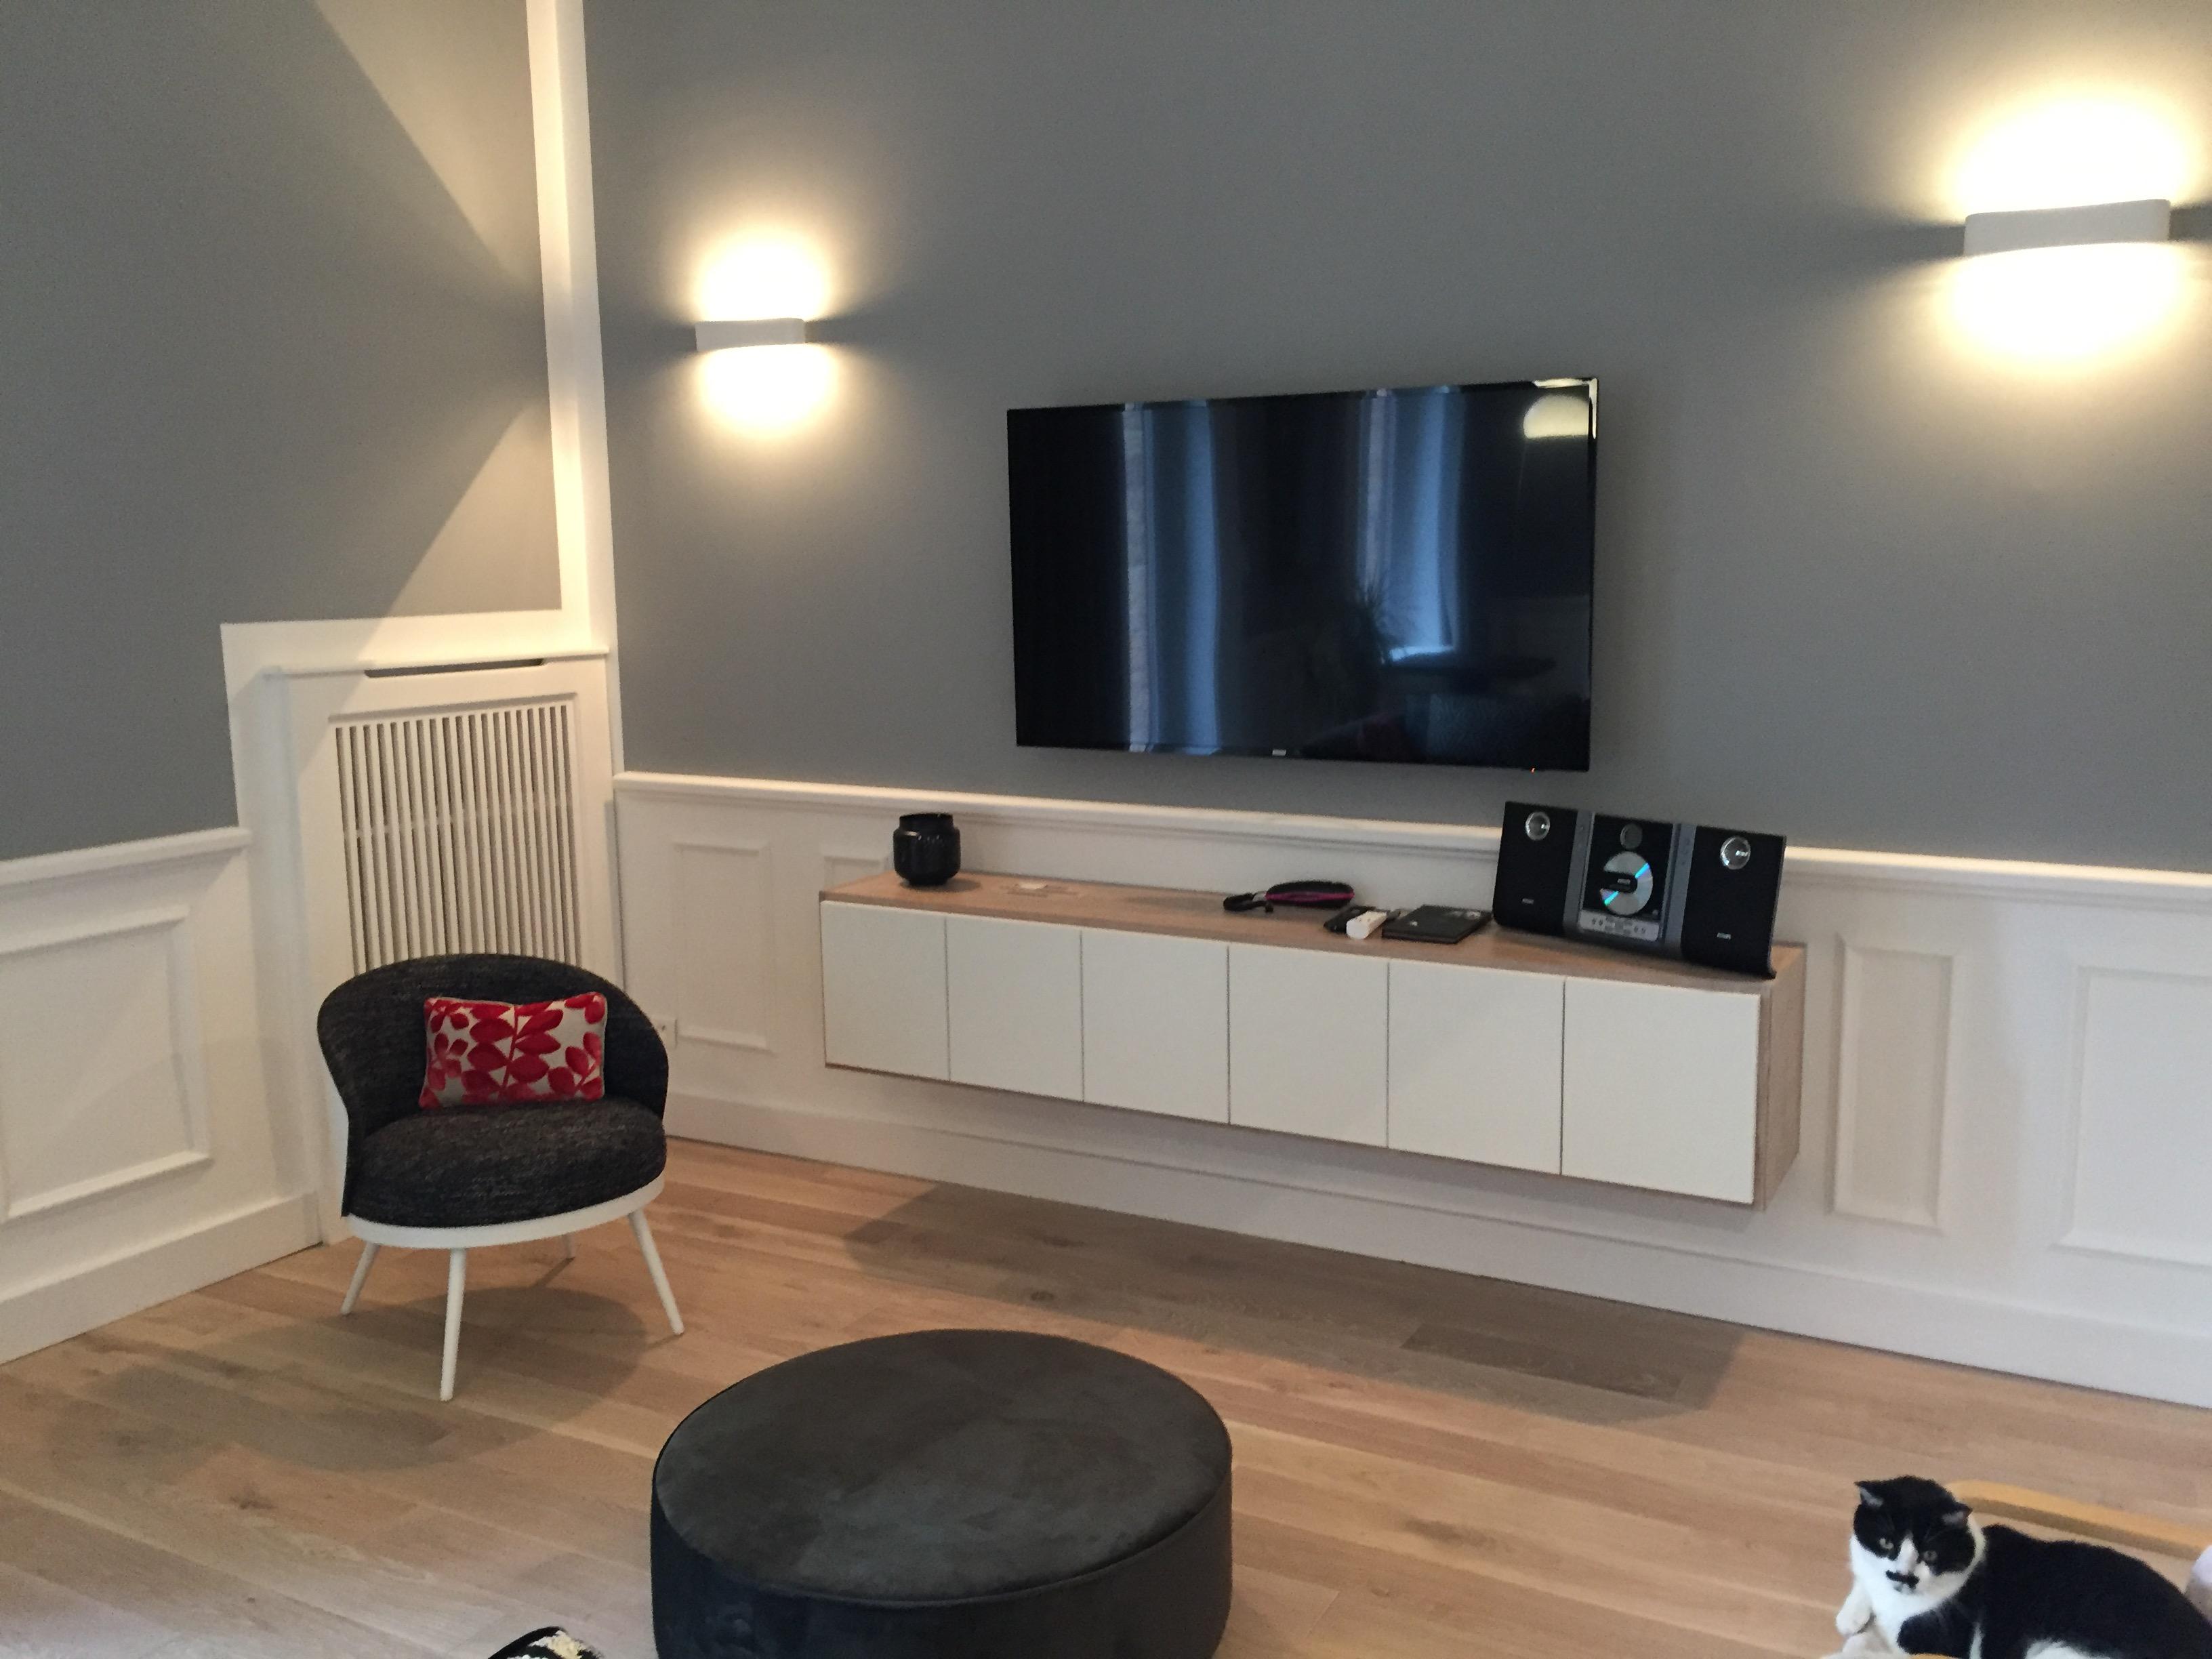 objets d 39 art et de d coration du c t de chez soi. Black Bedroom Furniture Sets. Home Design Ideas